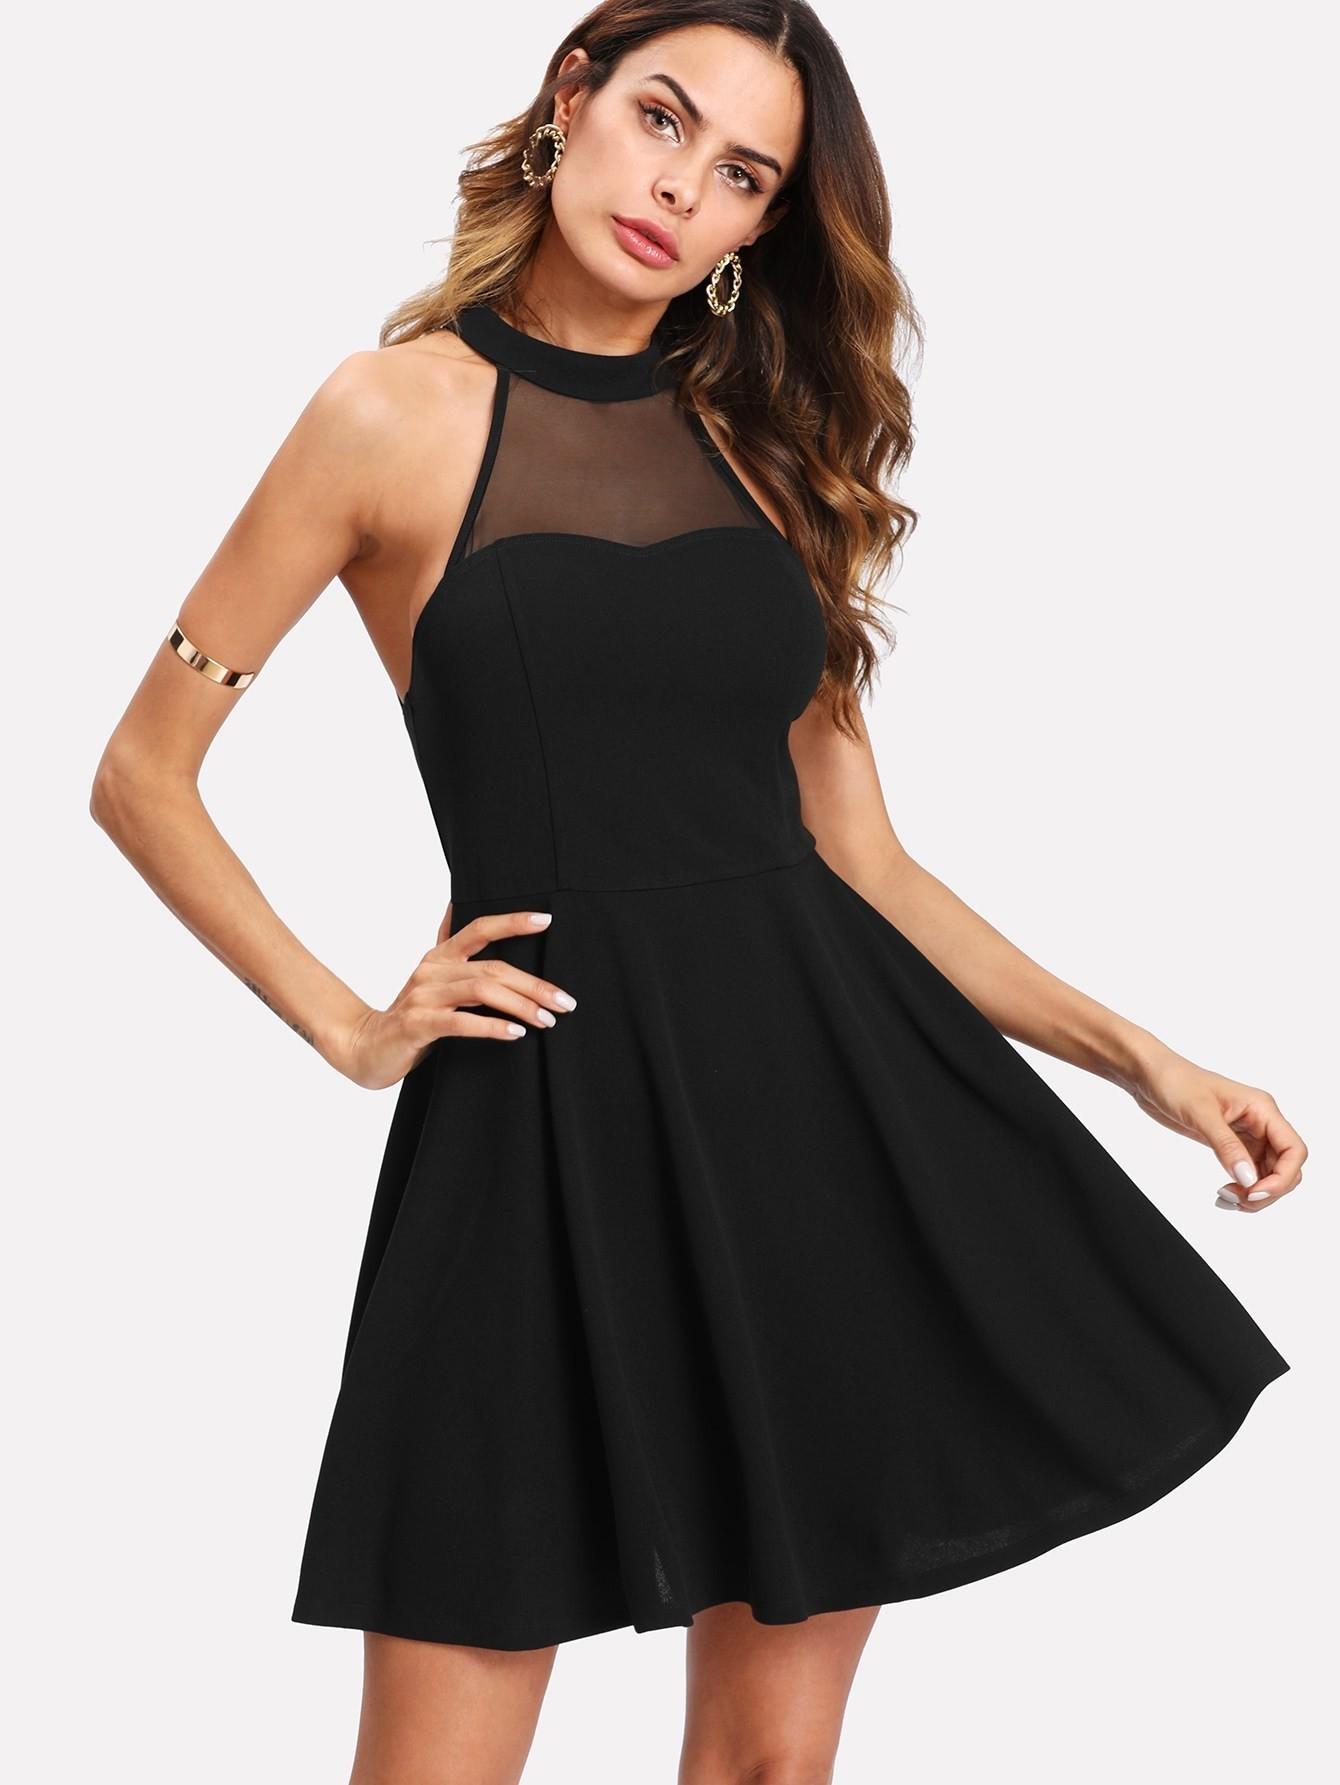 Mesh Yoke Open Back Skater Dress dress171120702